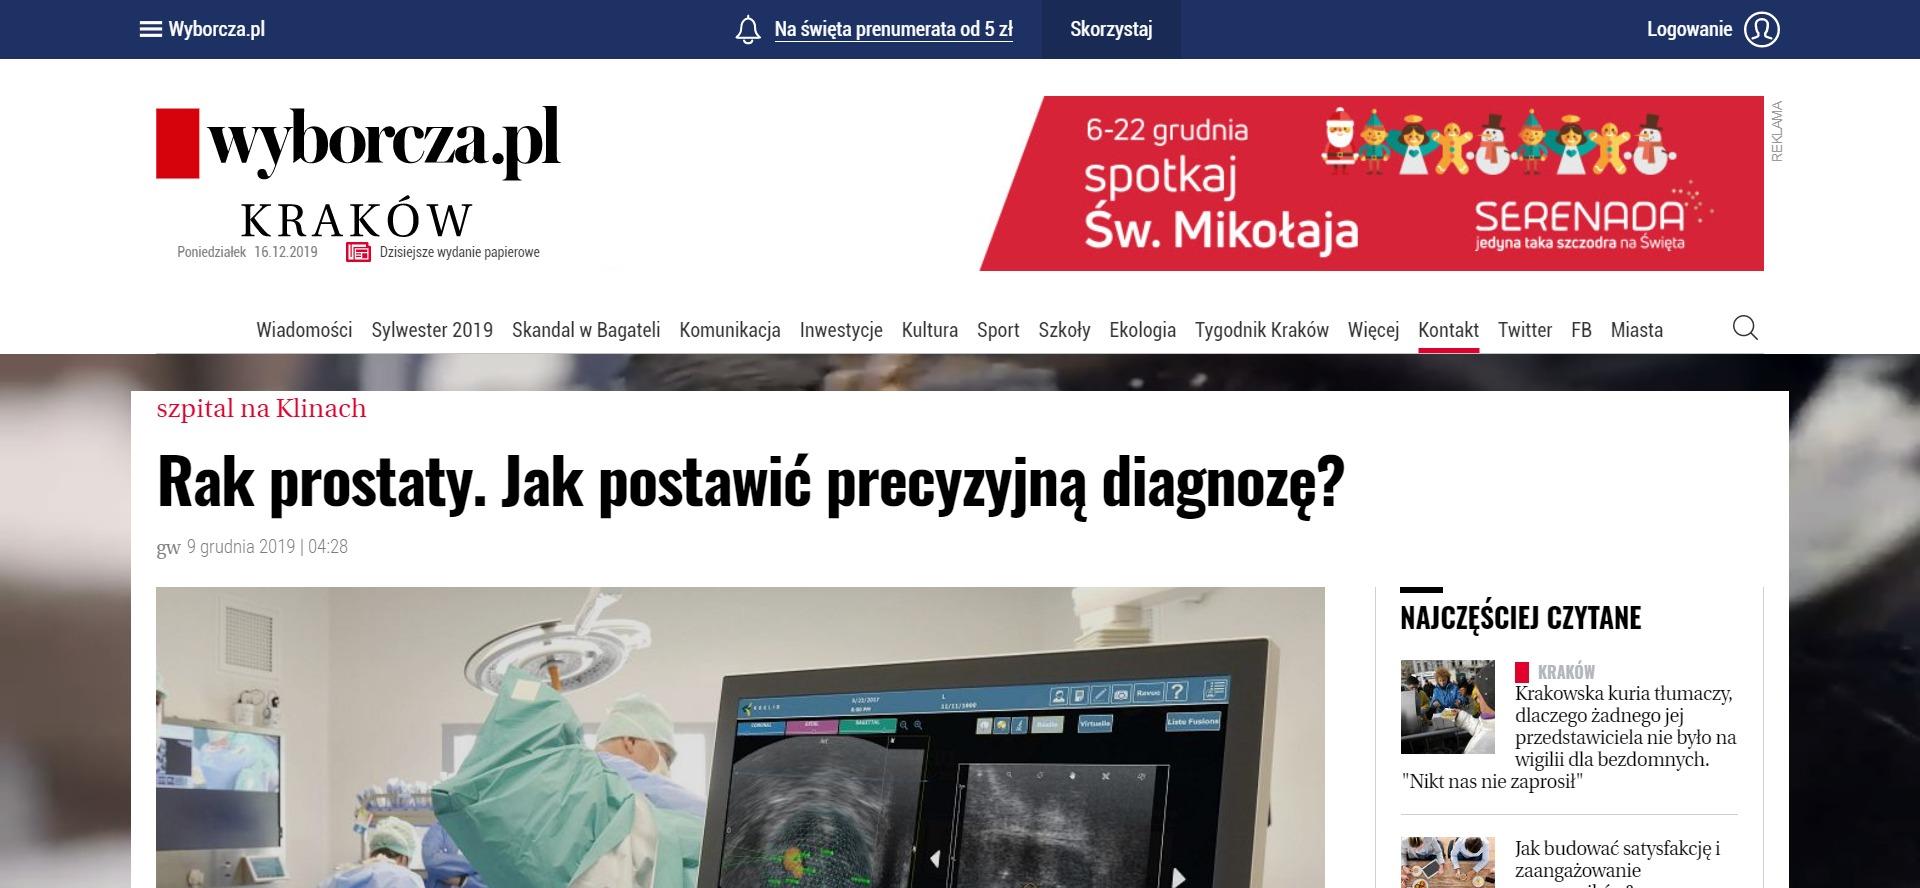 Rak prostaty. Jak postawić precyzyjną diagnozę?